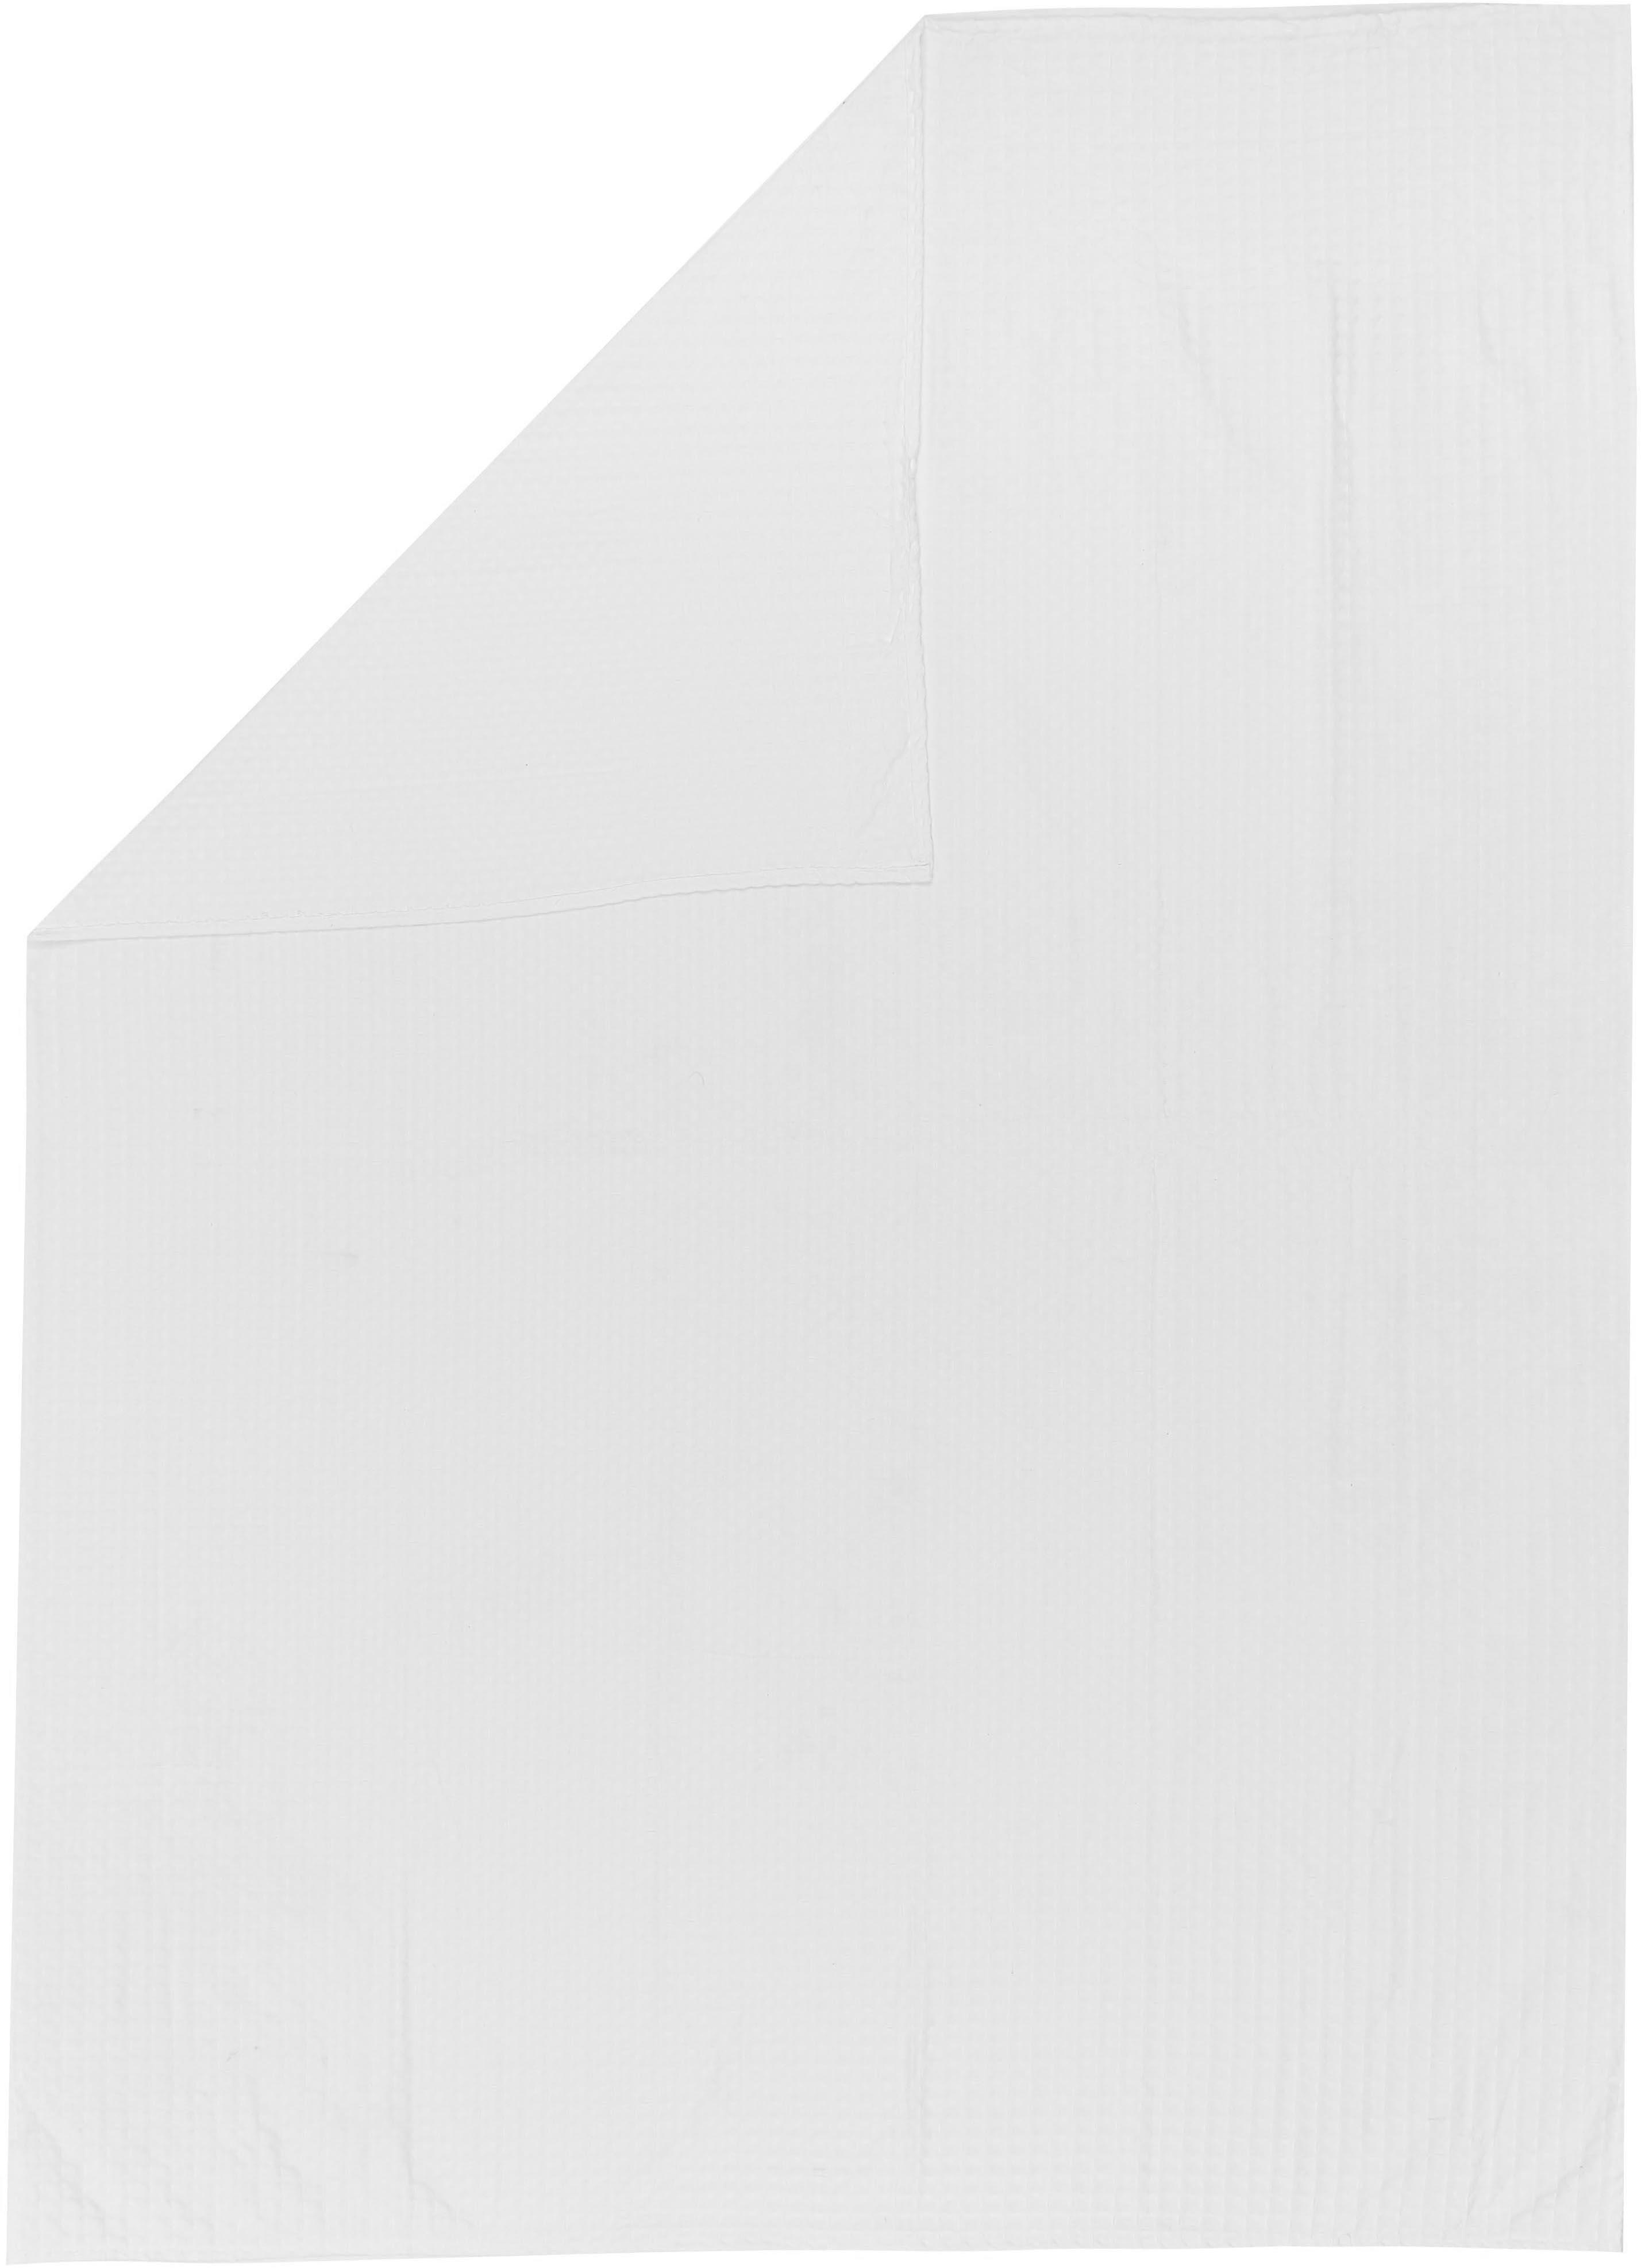 Narzuta z piki Panal, Bawełna, Biały, S 180 x D 260 cm